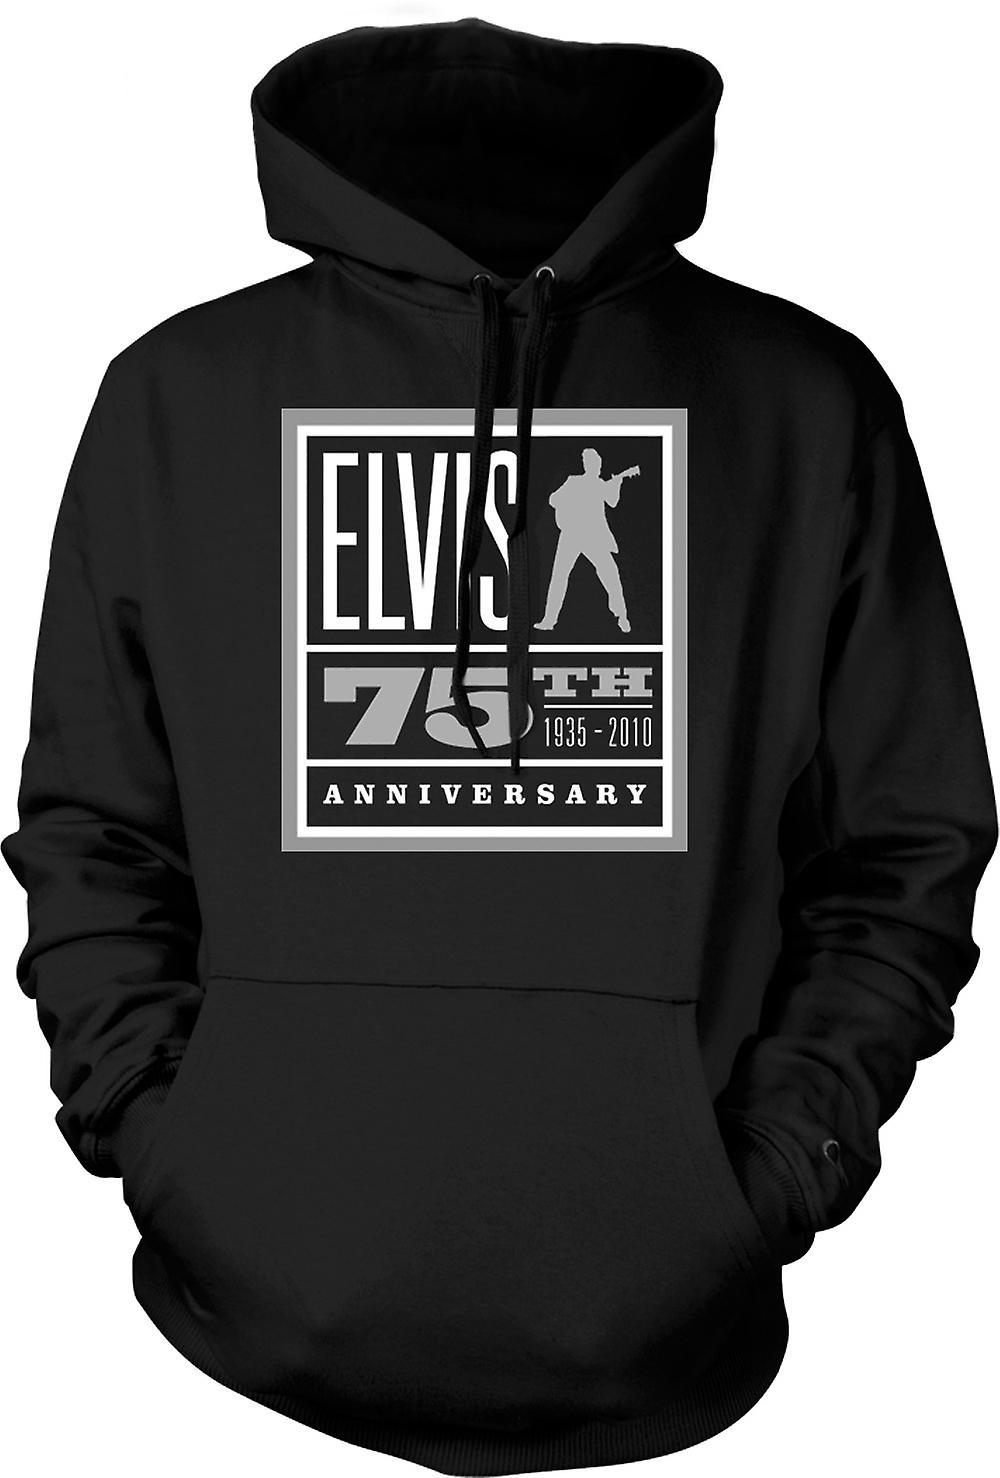 Mens Hoodie - Elvis Presley - 75e anniversaire